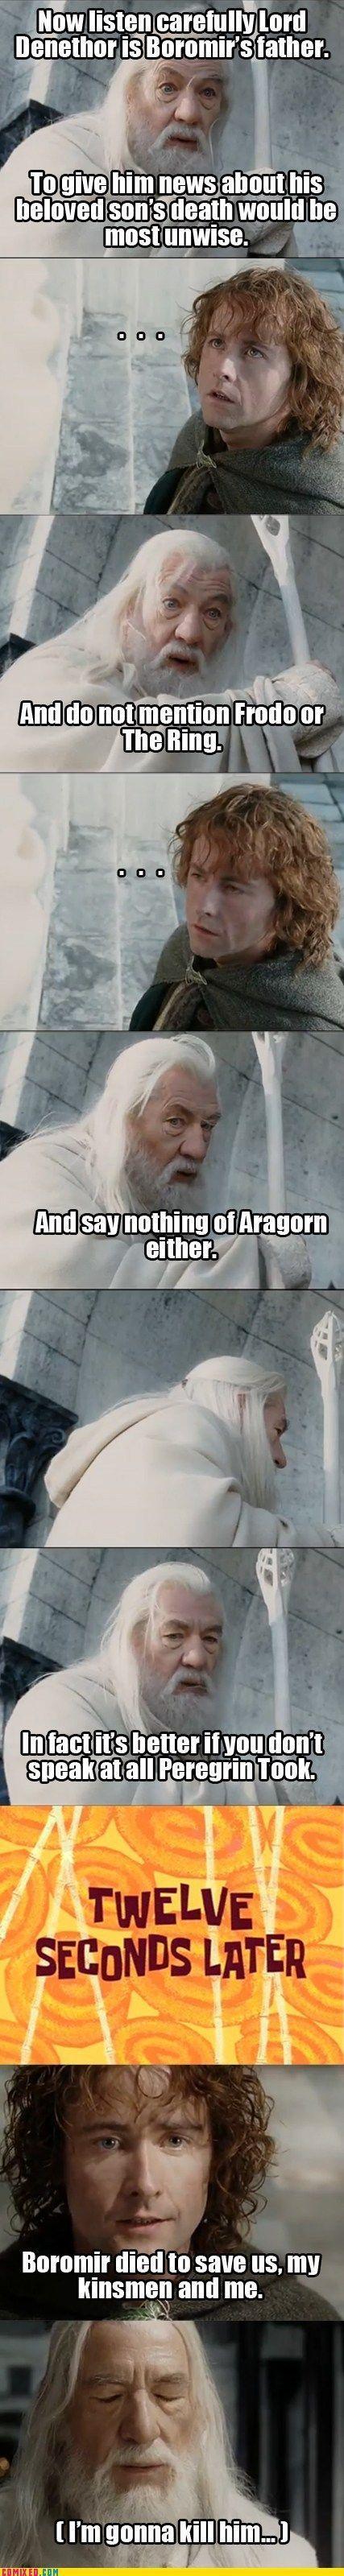 G-Ahora escucha atentamente, Denethor es el padre de Boromir. Darle noticias de la muerte de su querido hijo puede no ser lo más sabio. No menciones el Anillo o a Frodo. Tampoco hables de Aragorn. Digo más, mejor no abras esa boca, Peregrin Tuk. (12 segundos más tarde) P-Boromir murió por defendernos a mi y a los míos. G-(Lo mato, de esta lo mato.)